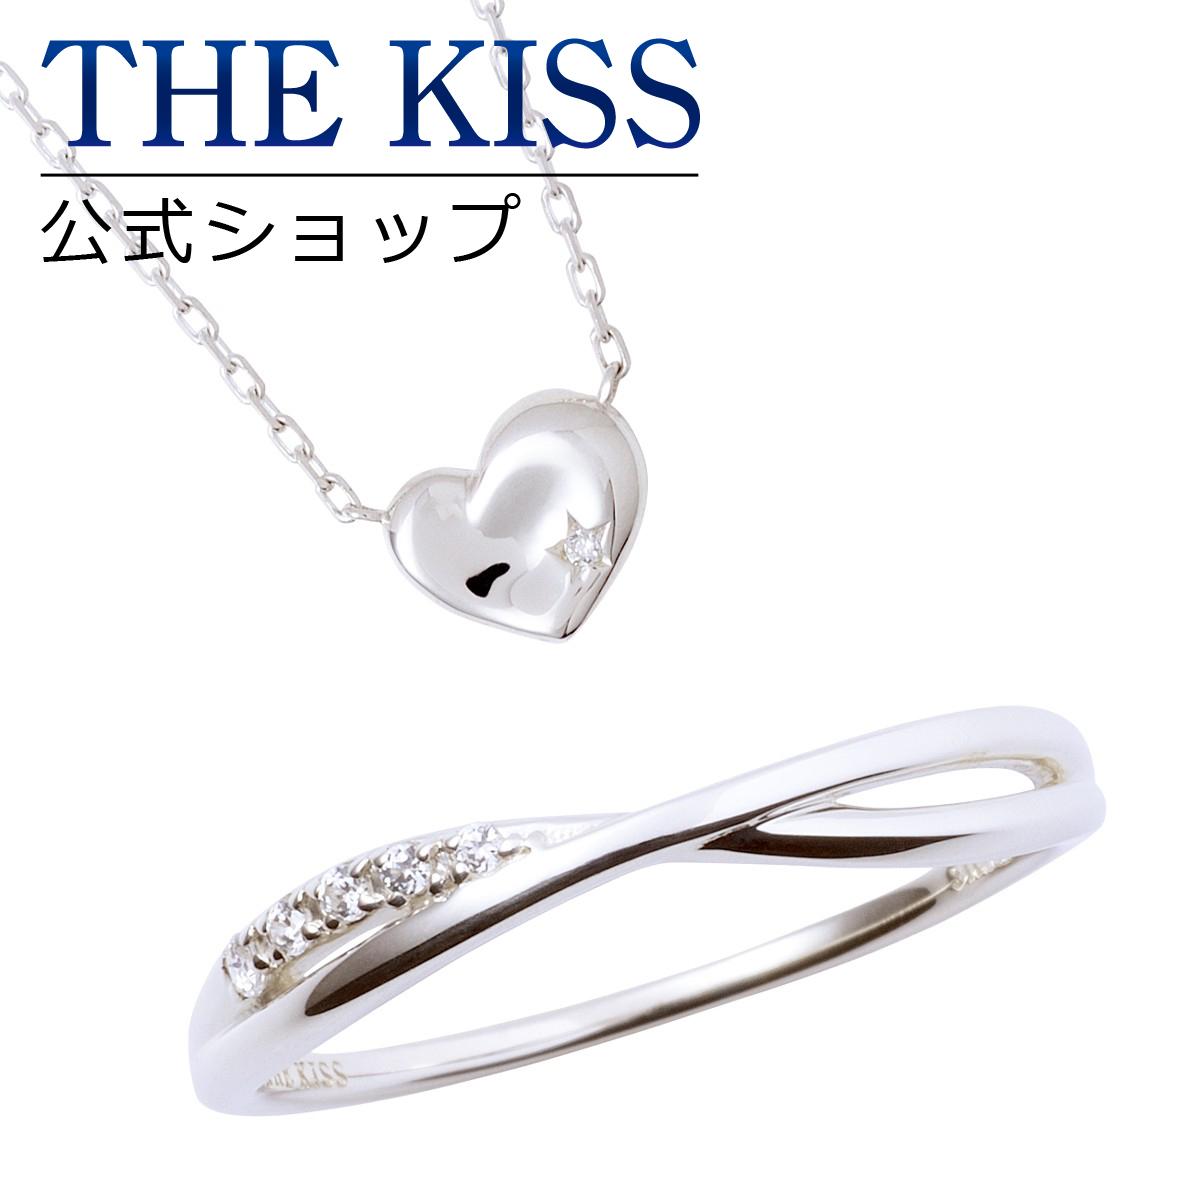 【あす楽対応】THE KISS 公式サイト レディースセット レディースリング レディースネックレス レディースジュエリー・アクセサリー ジュエリーブランド THEKISS リング・指輪 ネックレス・ペンダント 記念日 プレゼント SR2016CB-SPD270DM セット ザキス 【送料無料】